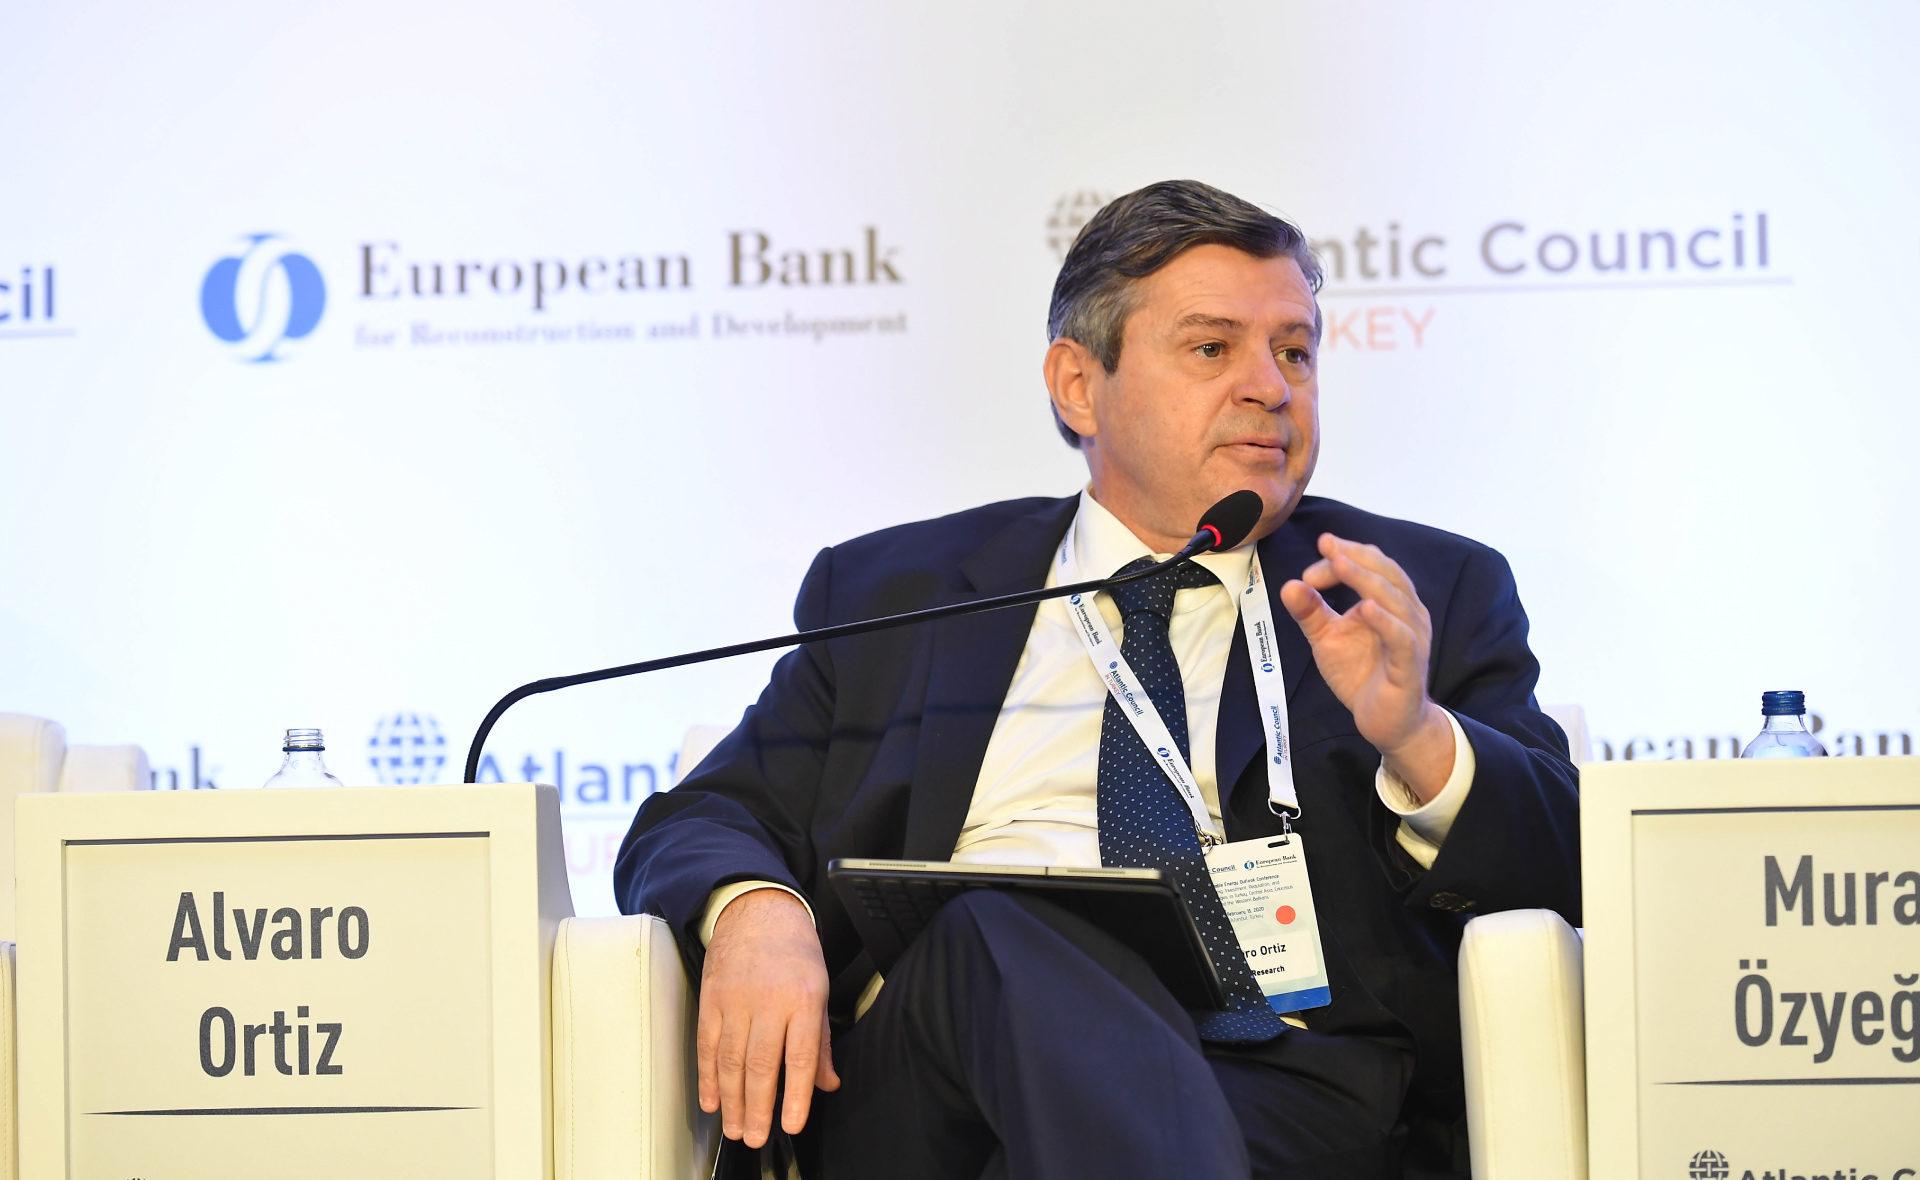 Álvaro Ortiz_Linkedin-European-bank